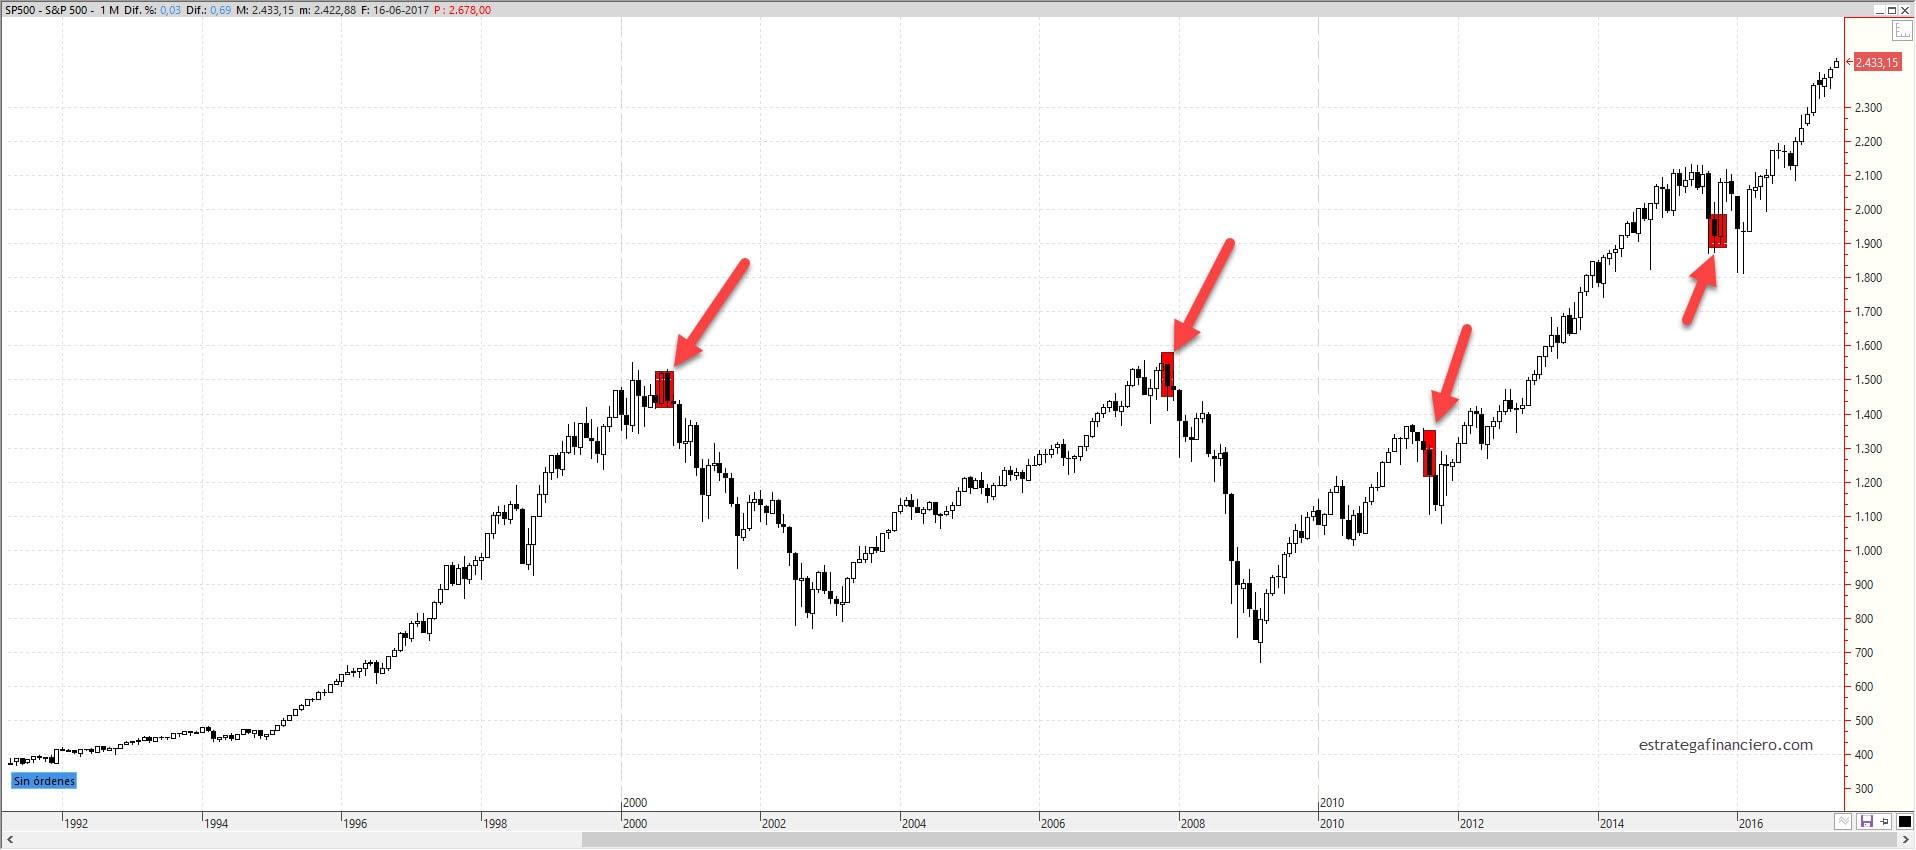 Indicador SP 500 y nivel de deuda (margin debt)